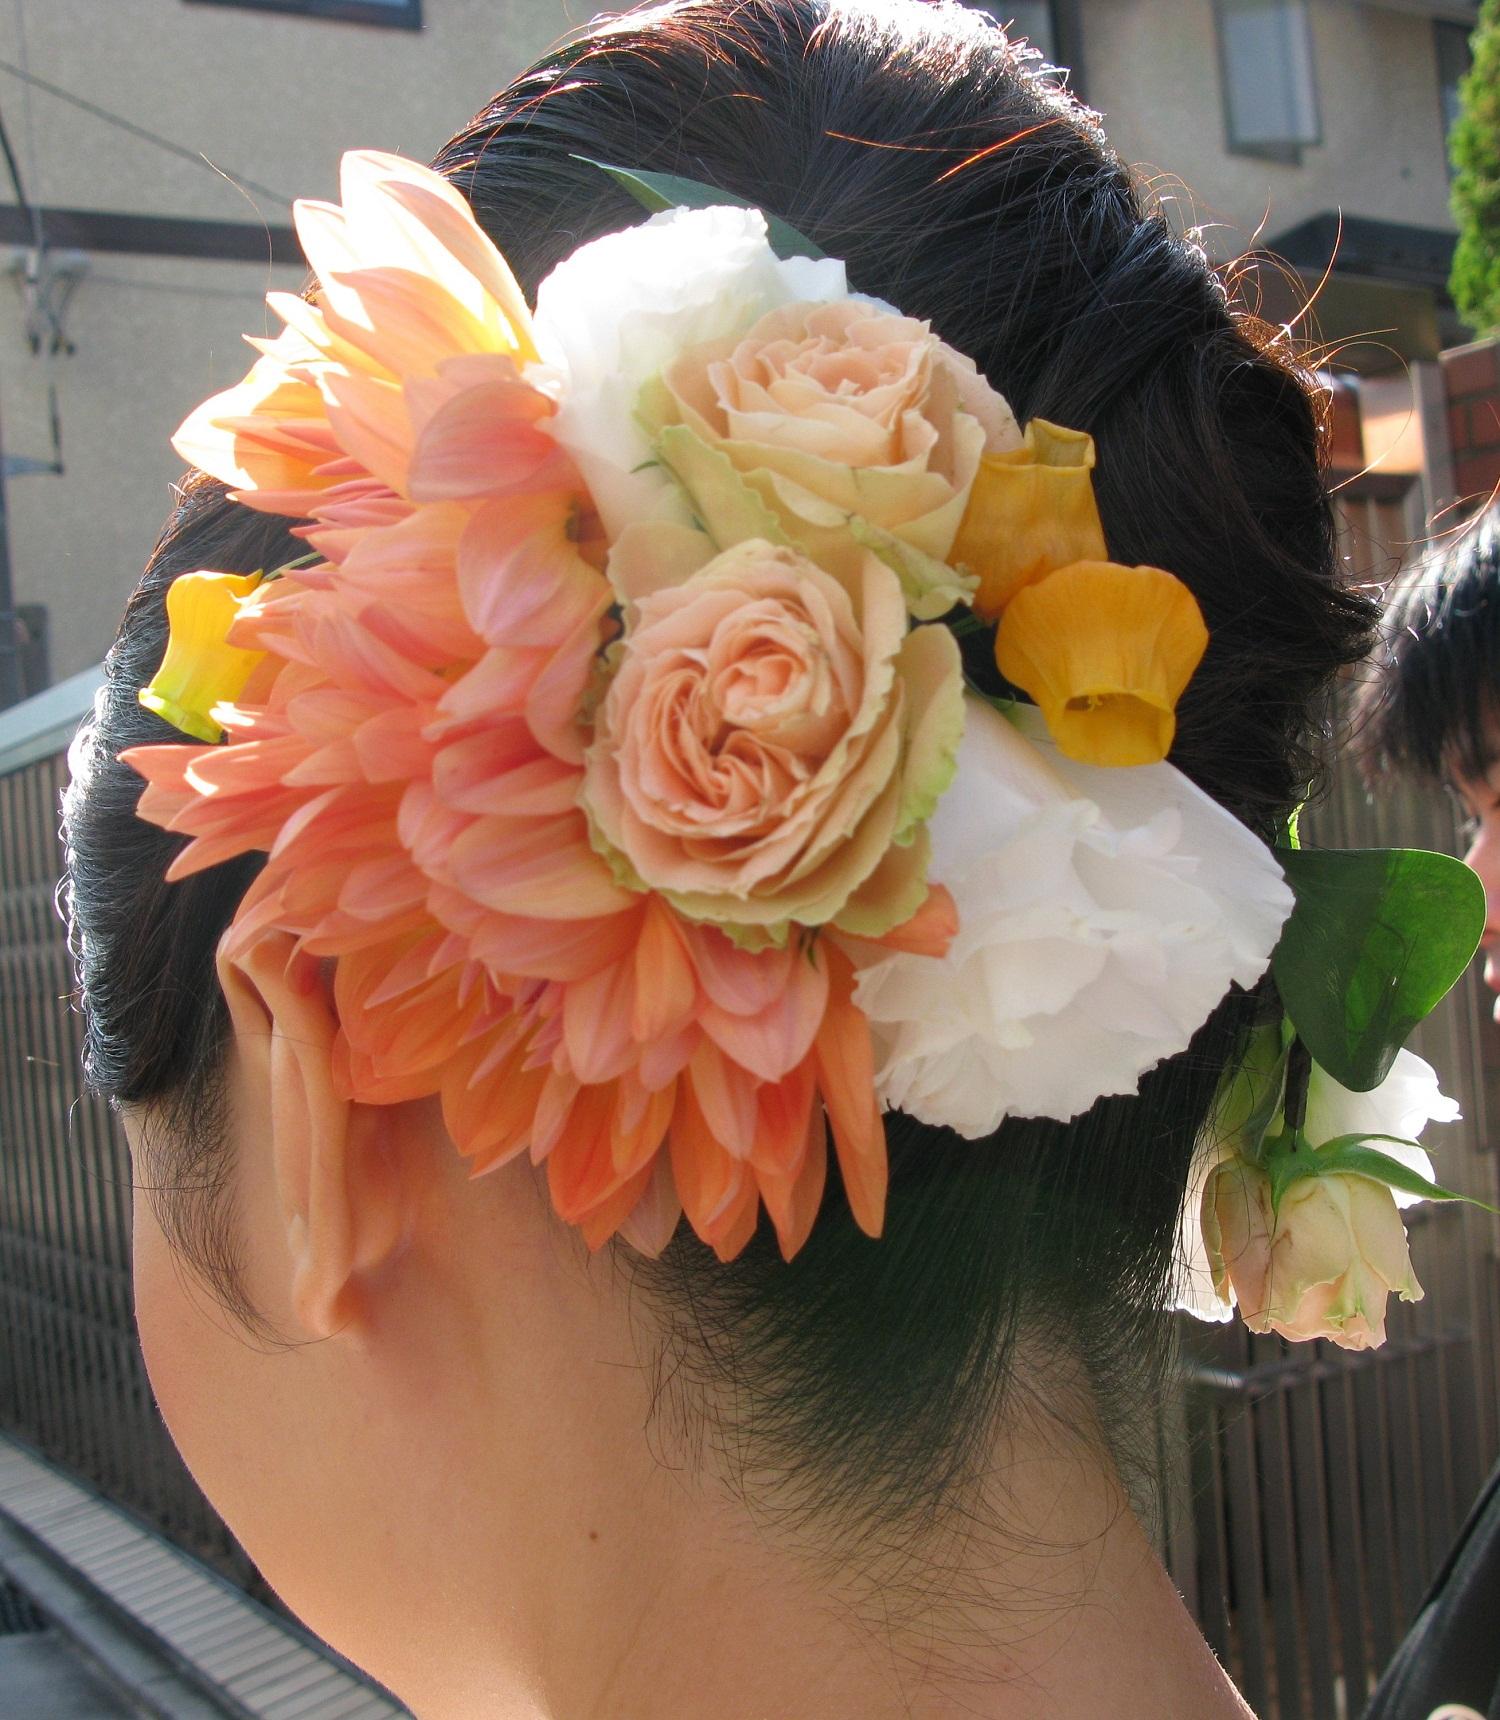 特別な日!生花の髪飾りをつけて、あなたをより一層と美しく!のサムネイル画像